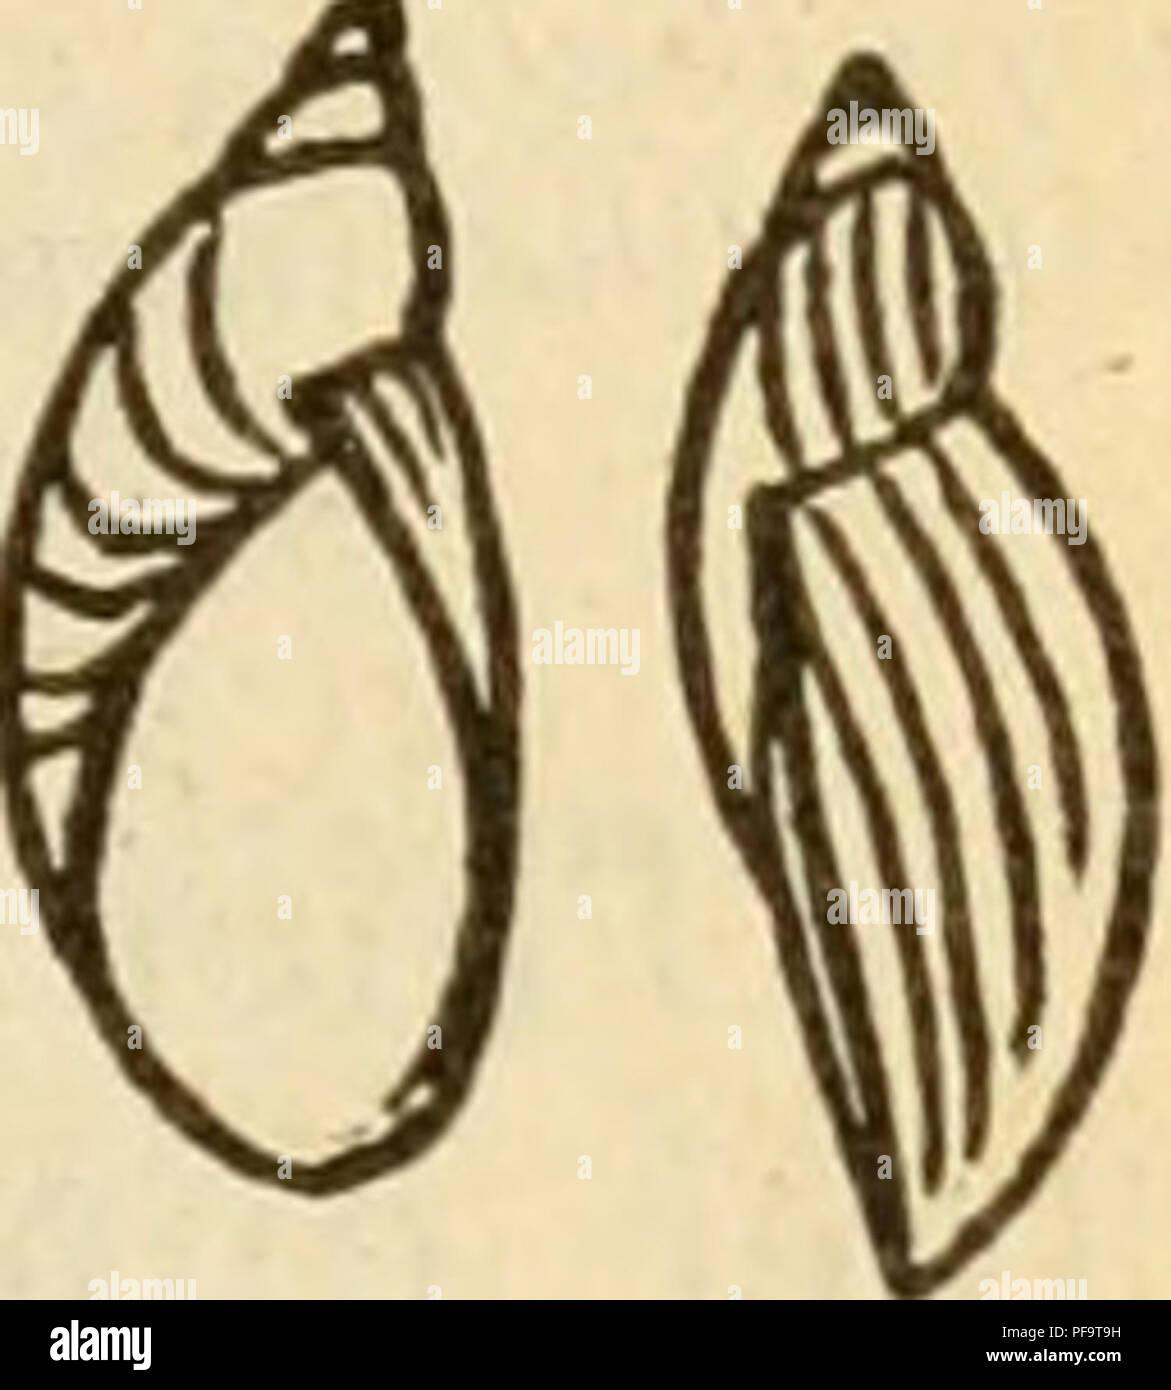 . Deutsche excursions-mollusken-fauna. Mollusks. 289 2. Succinea Pfeifferi^ Rossmässler.. Succinea Pfeifferi, Rossin., Icon. fig. 46. — — Kobelt, Nassau p. 162 t. 3 fig. 2. — Slavik, Bölinien p. 94 t. 1 fig. 3. 4. Amphihulina putris var. fulva et derogata, Hartm., in Sturm, Fauna VI. 8. t. 6 u. 7. Tapada putris, Studer, Kurz. Verz. p. 86. Anatomie: Lehmann, Stettin p. 54 t. 9 fig. 14. Thier: gewöhnlich dunkler, als jenes der vorstehen- den Art. Gehäuse: länglich-eiförmig, schwach gestreift, ziemlich festschalig, durchsichtig, glänzend, bernsteinfarben, Um- gänge 3, wenig gewölbt, ein kurzes, z Stock Photo